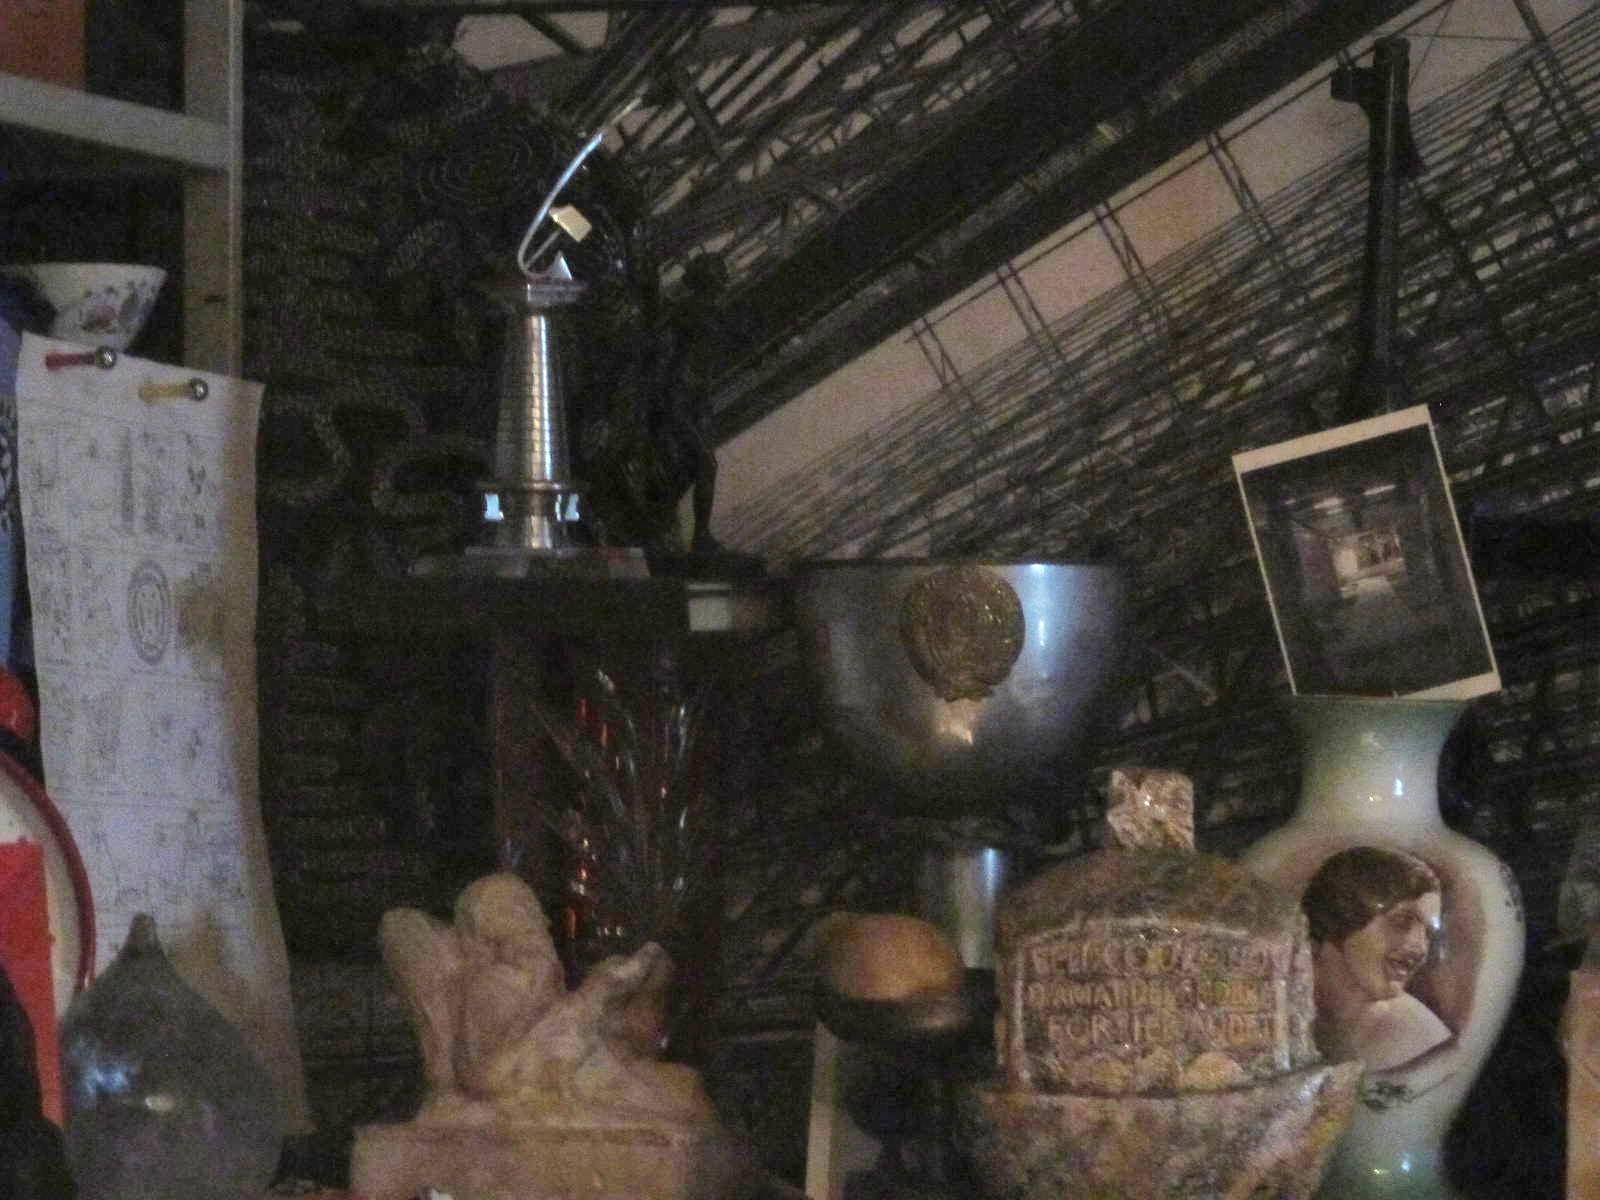 Подвалы арт-технологий современного искусства в МА имени А.В.Щусева. Вместе и врозь... насквозь. Автор фото председатель НСНБР А.Г.Огнивцев IMG_6512